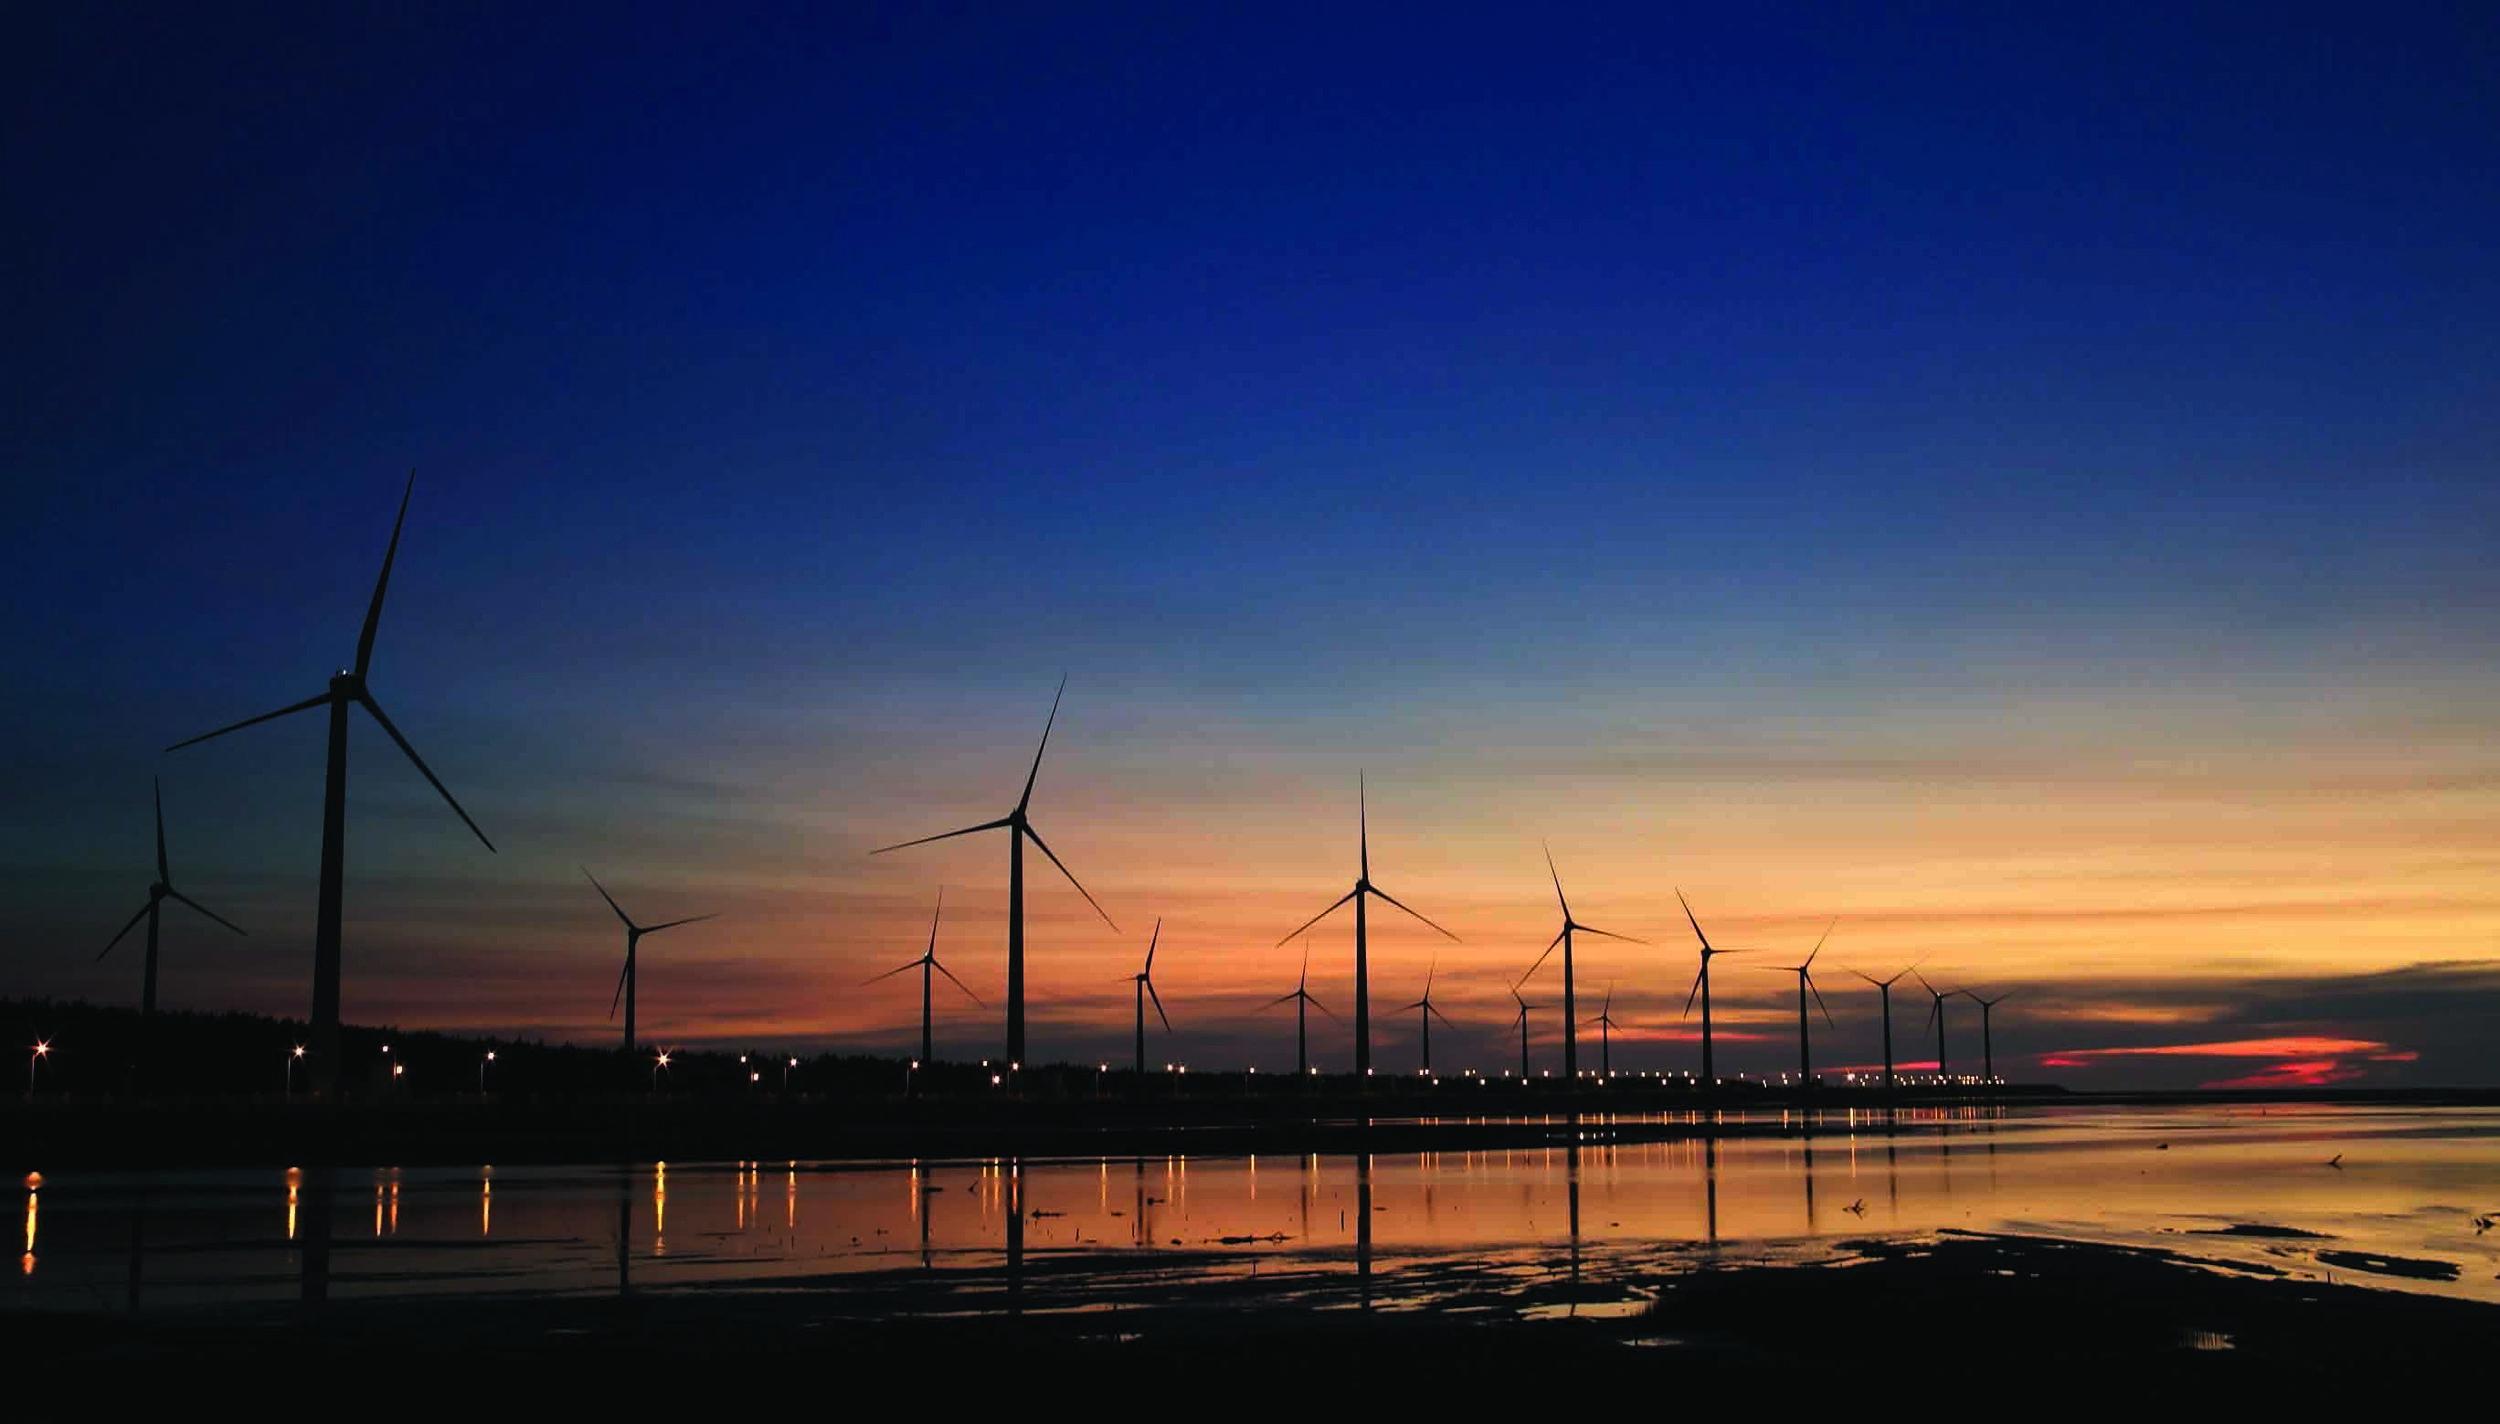 clouds-dawn-dusk-157039.jpg